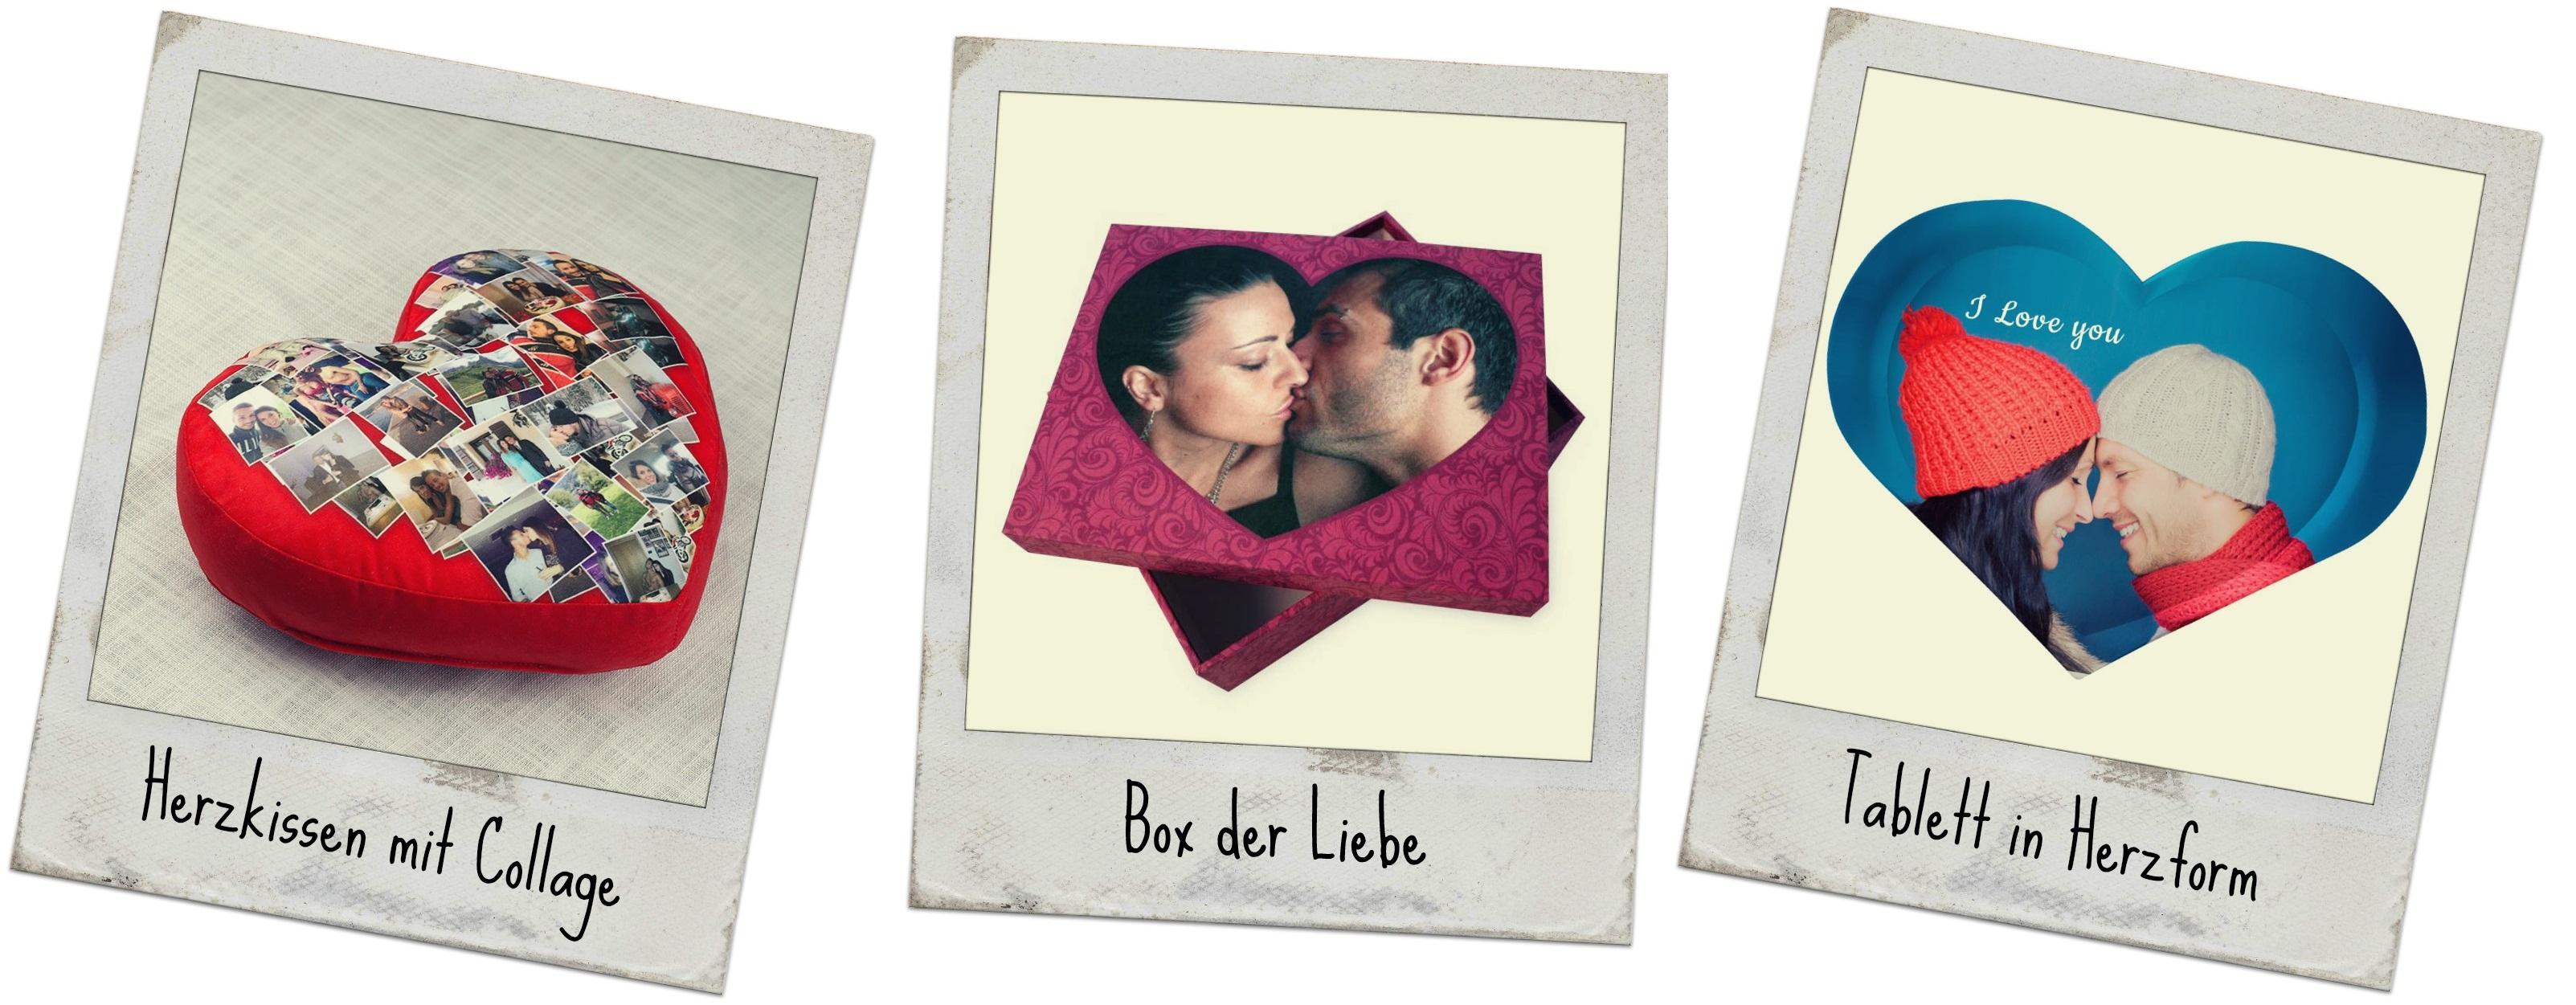 Fotogeschenke in Herzform bedruckt mit Fotos von Paaren zum Valentinstag